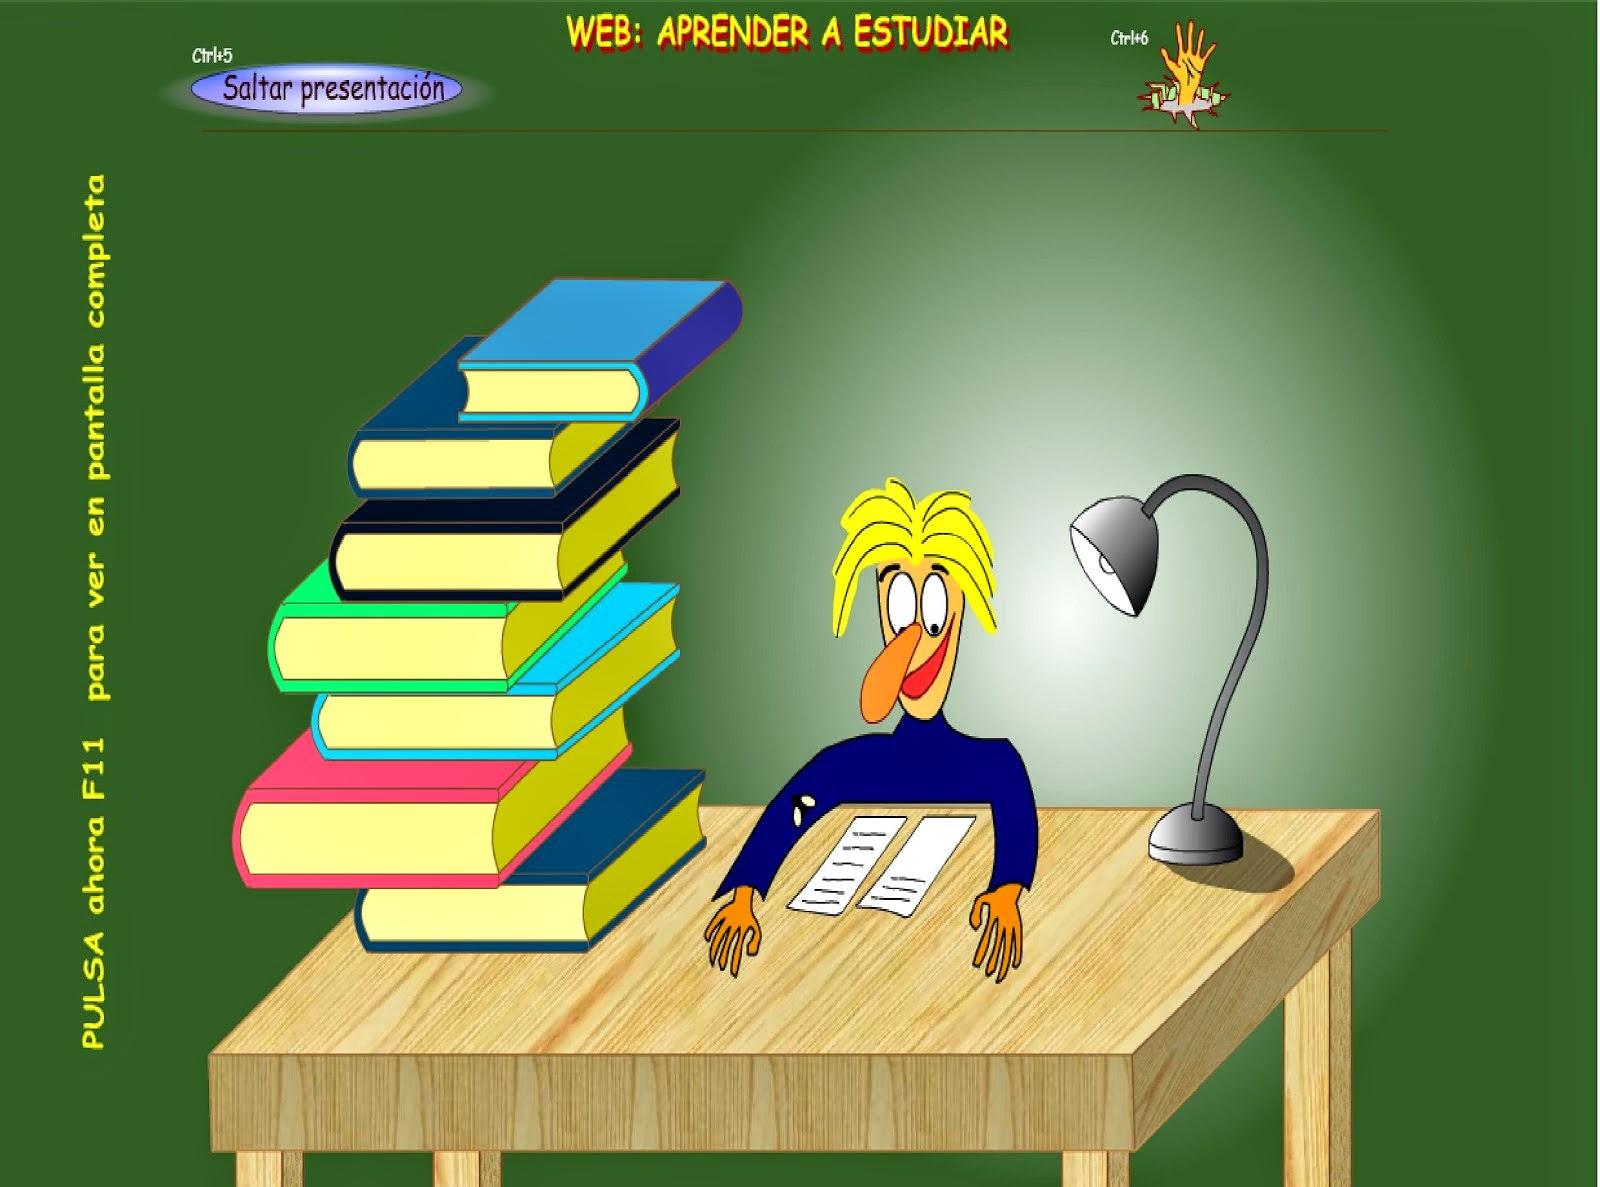 Aprende a estudar